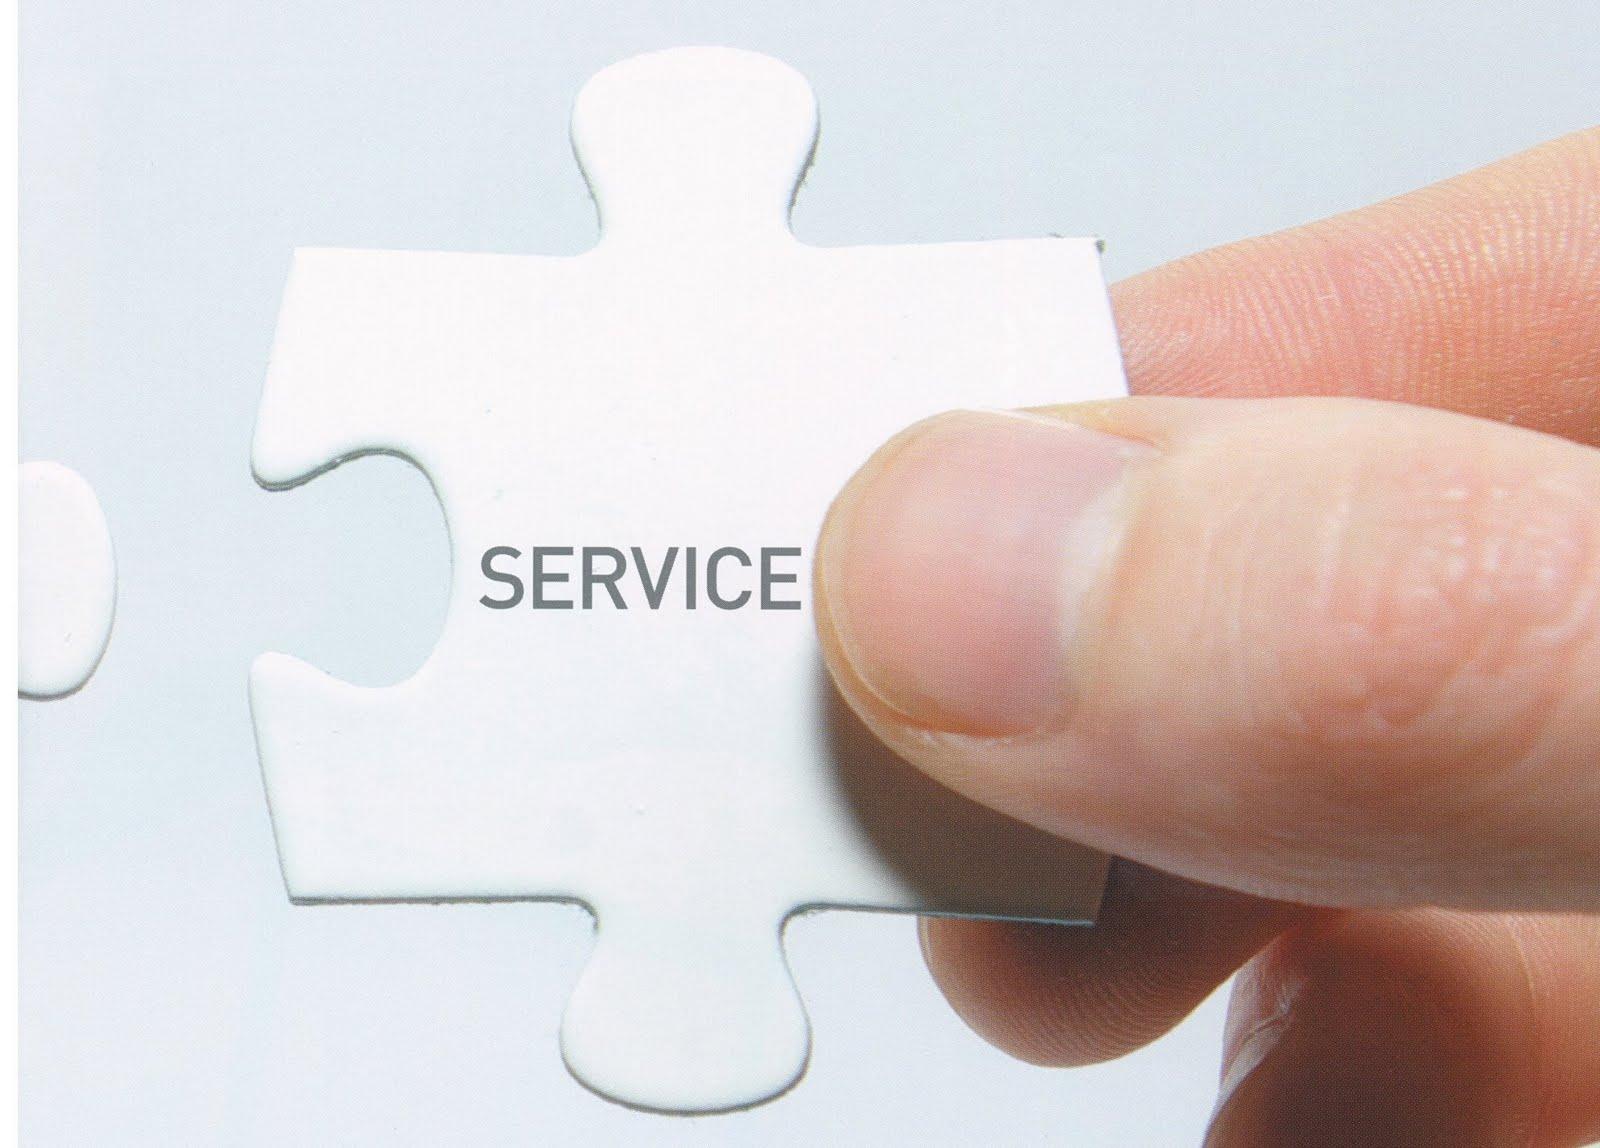 Venta de Servicios: ¿Cómo vender un servicio?